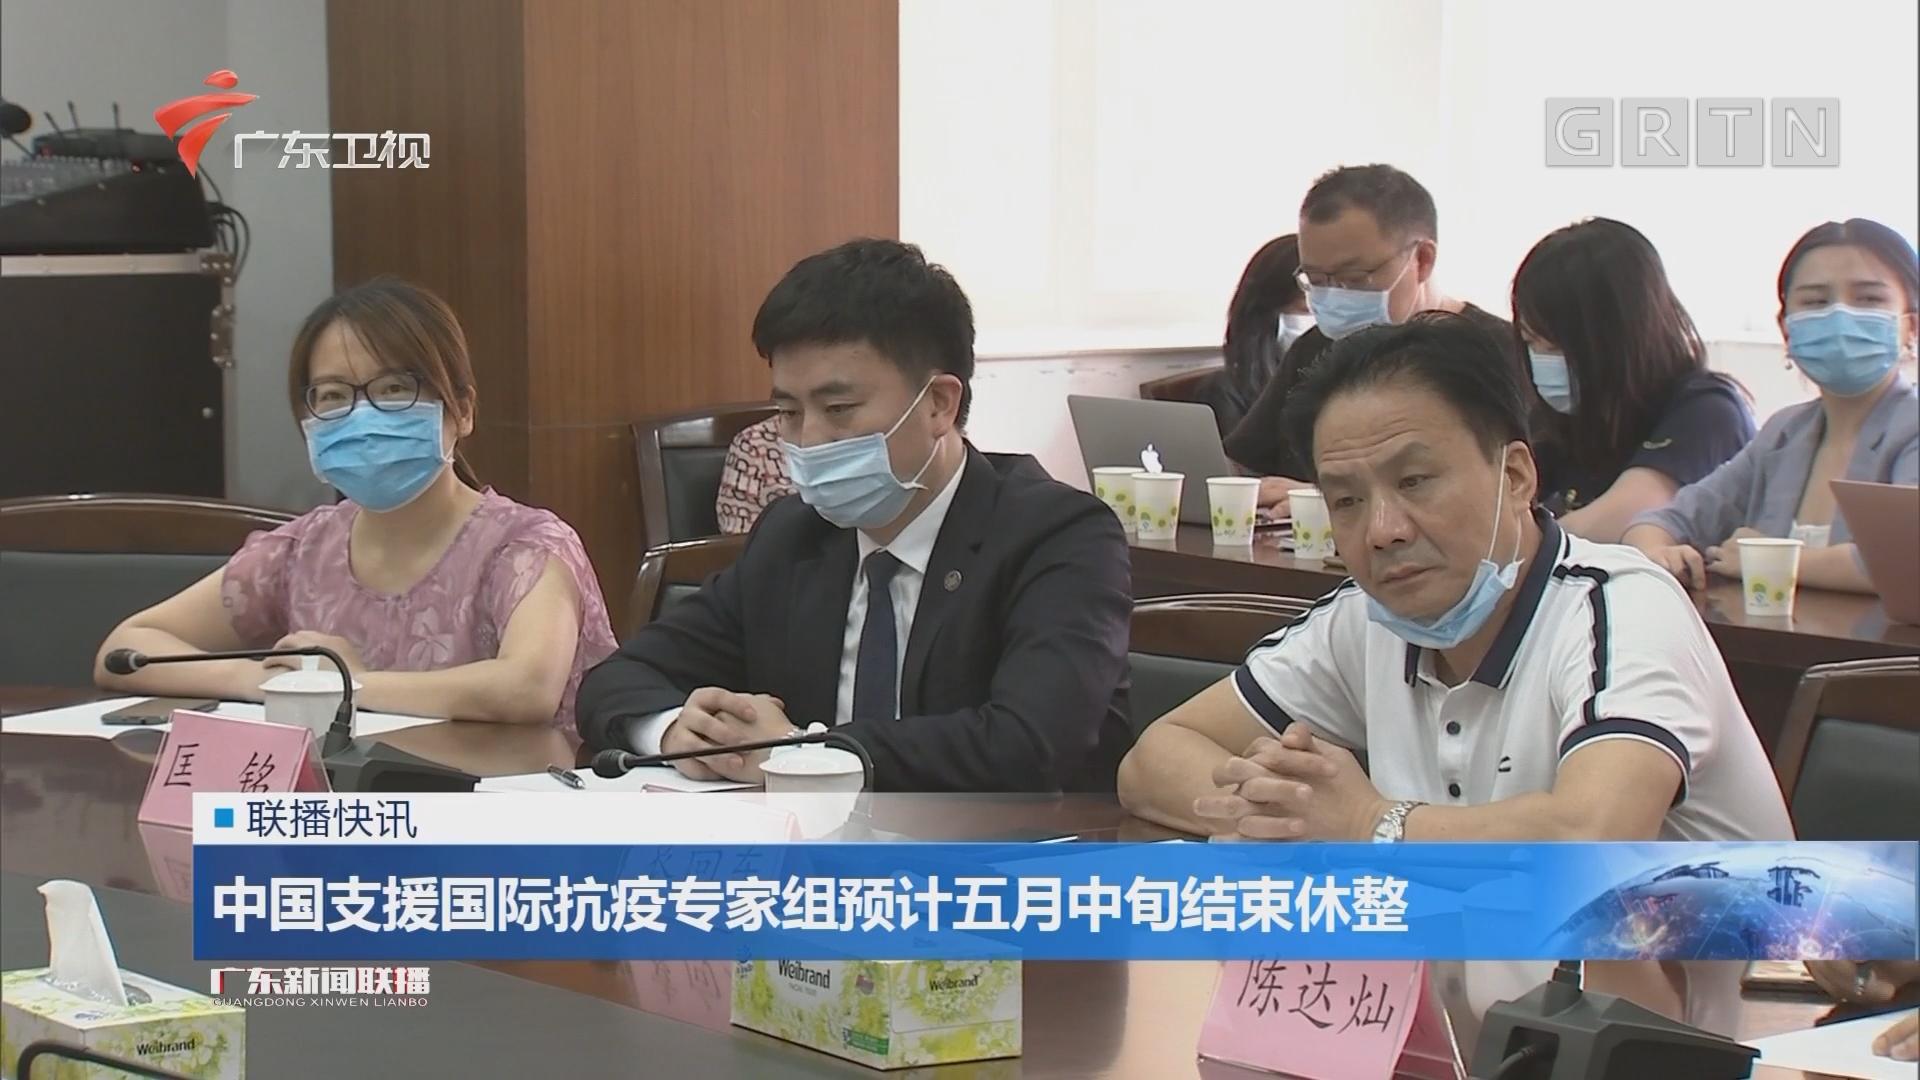 中國支援國際抗疫專家組預計五月中旬結束休整